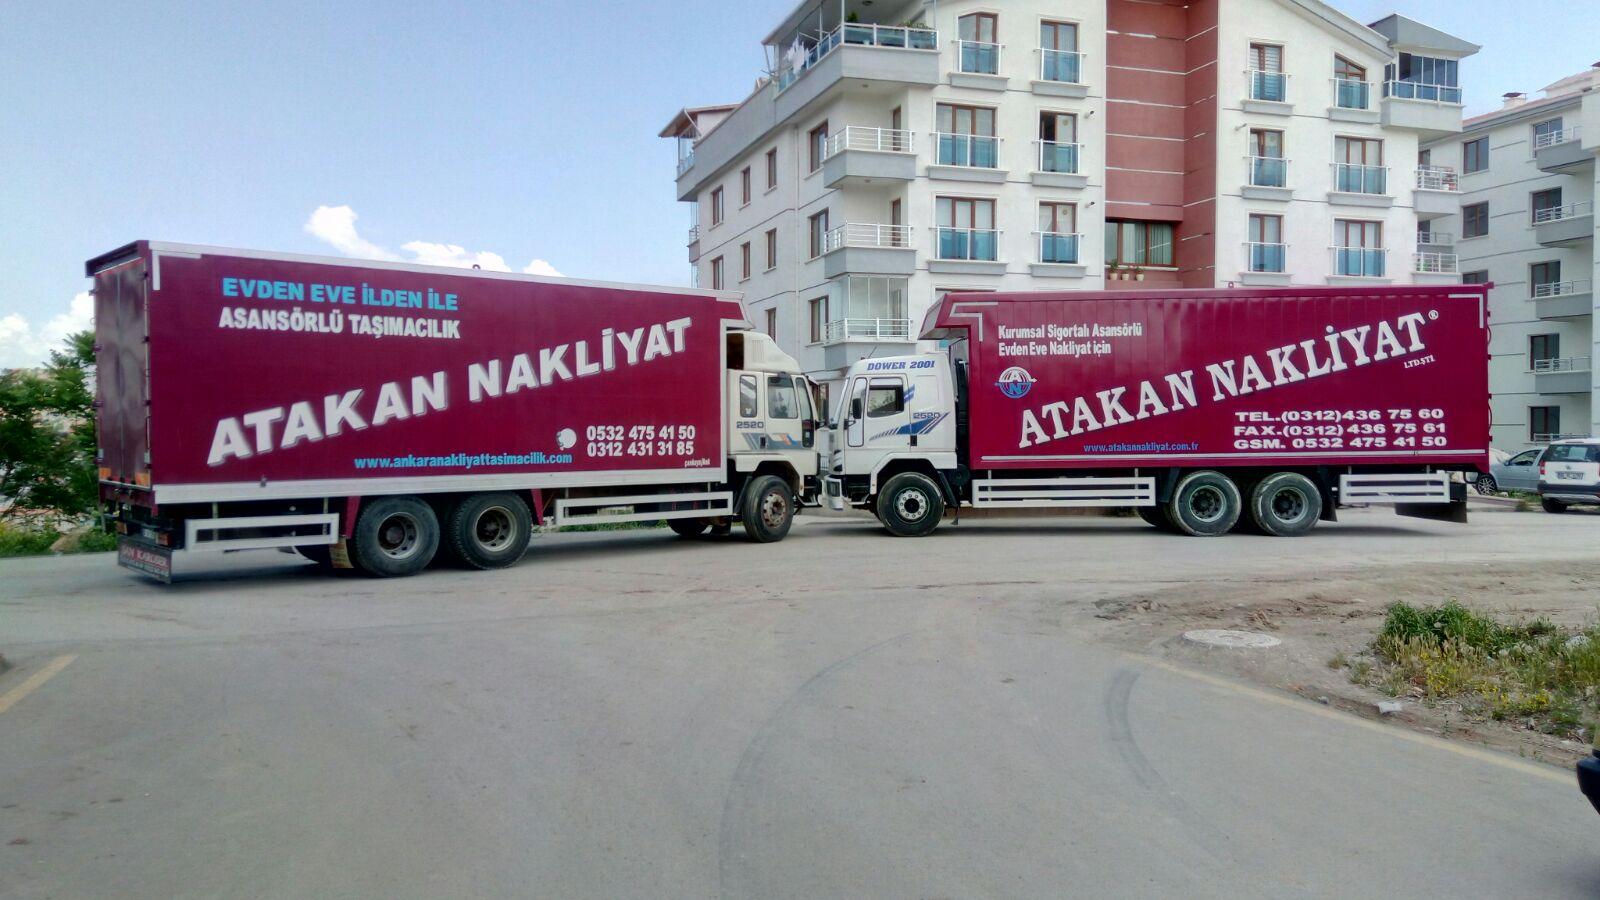 Ankara Asansörlü Nakliyat, Eşya Taşımacılık Şirketleri Ankara